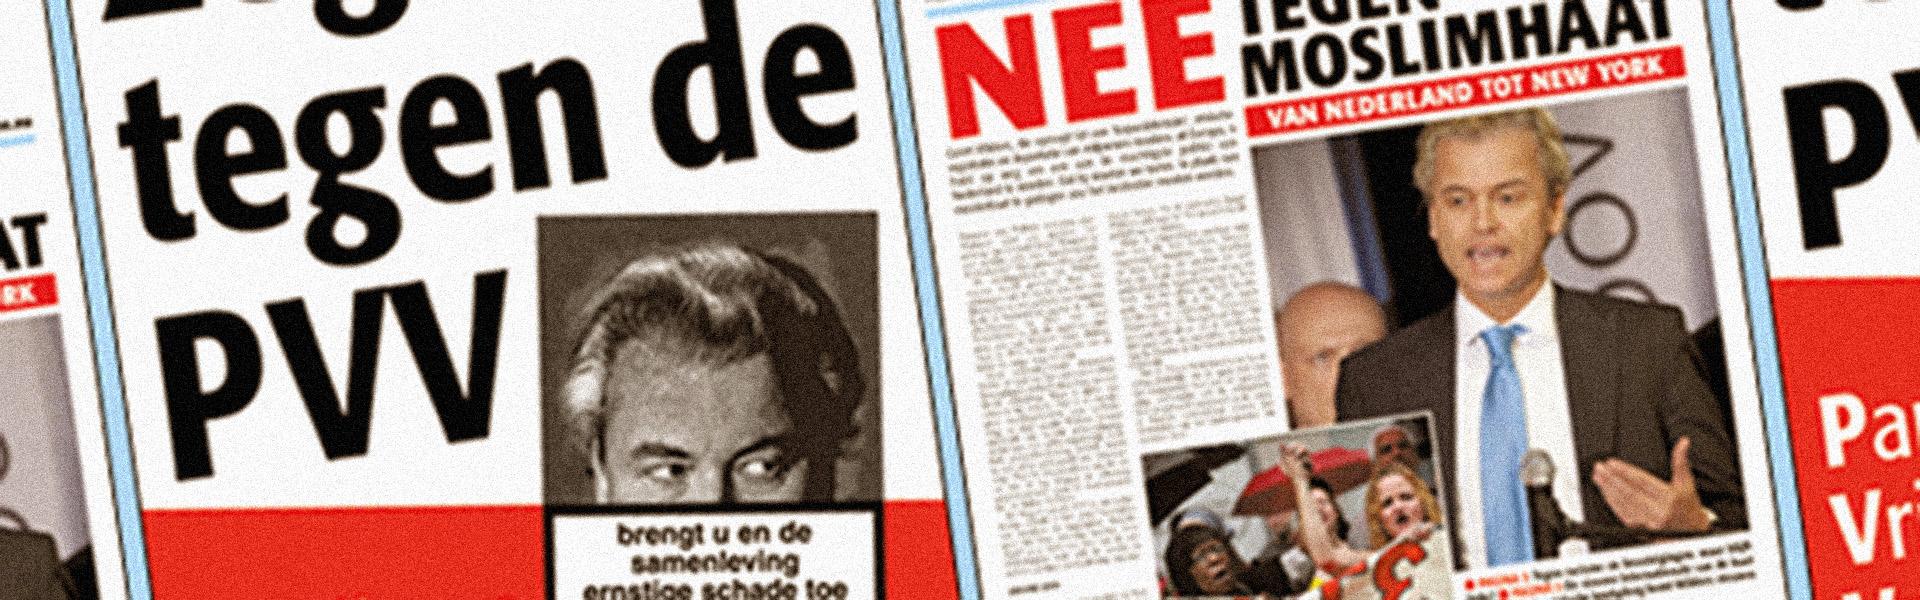 Итоги выборов 15 марта в Нидерландах. «Победа терпимости над исламофобией»?